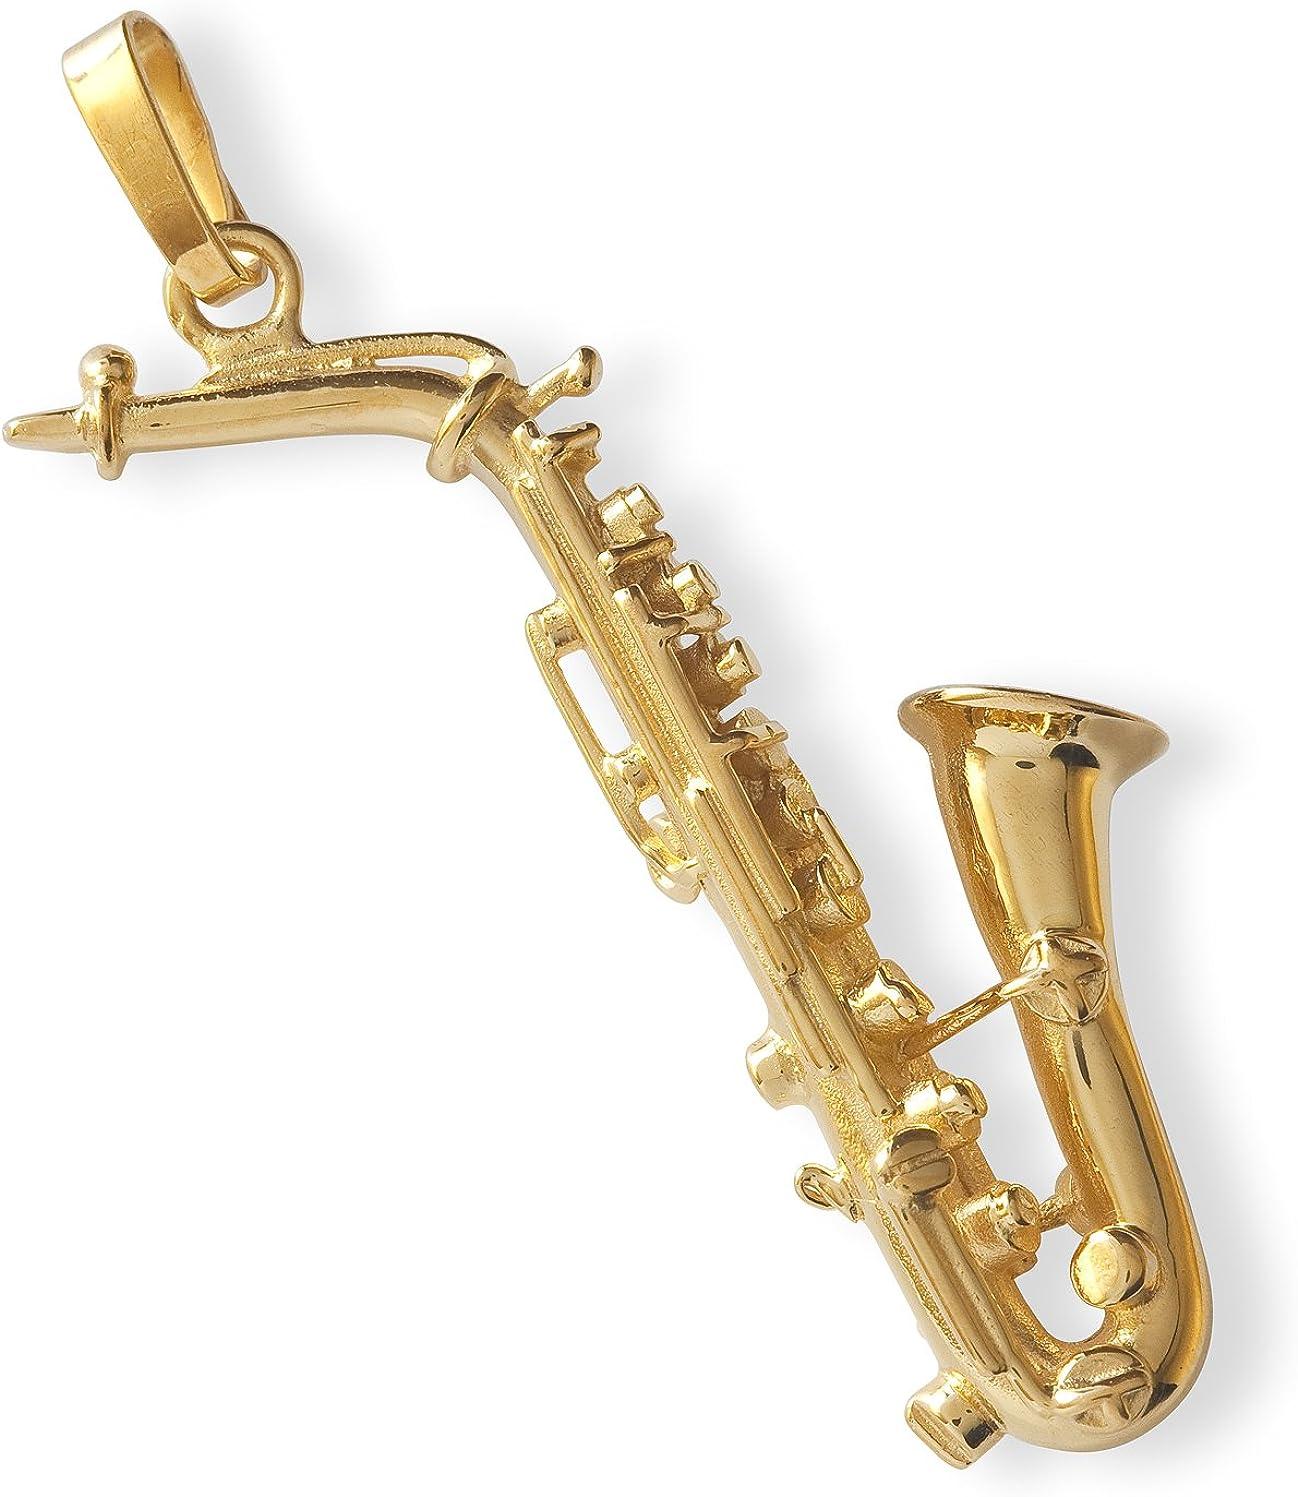 Argent Massif 925 Plaqu/é Or 23,5 Carats Instrument de musique Bijou cadeau musique Pendentif Saxophone Alto